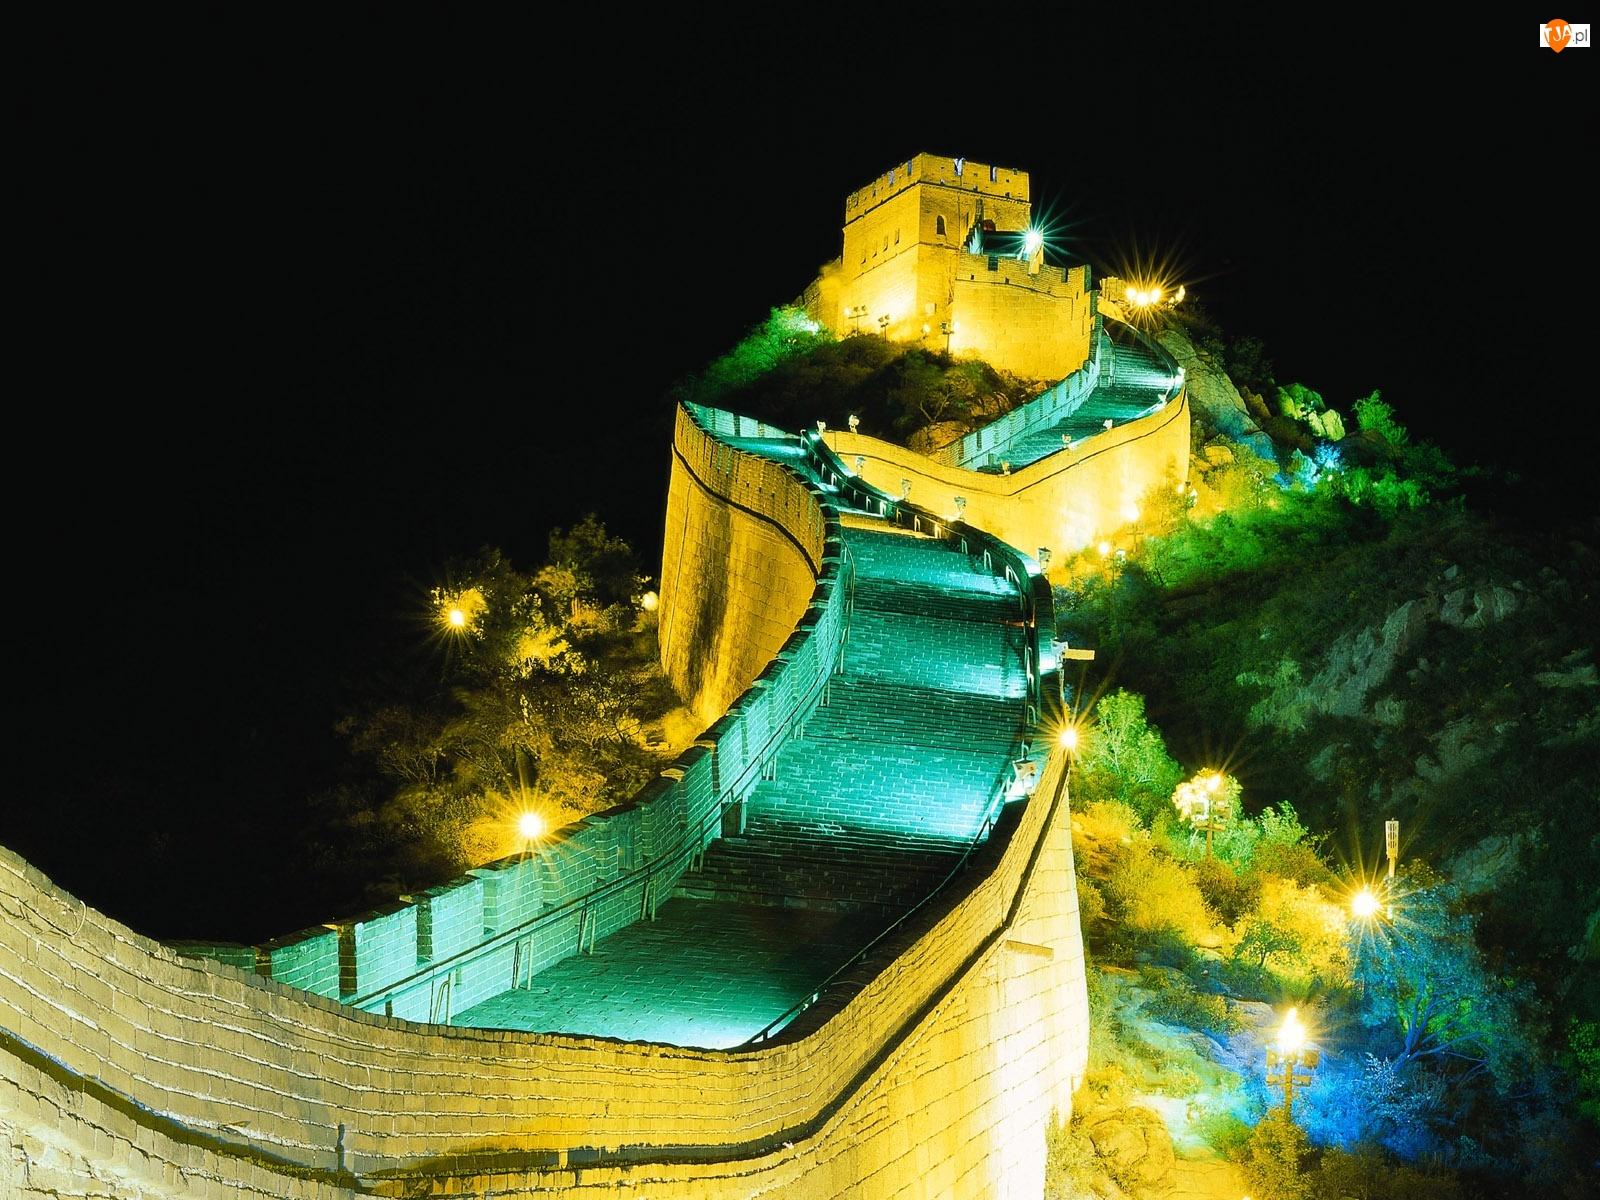 Noc, Latarnie, Wielki Mur Chiński